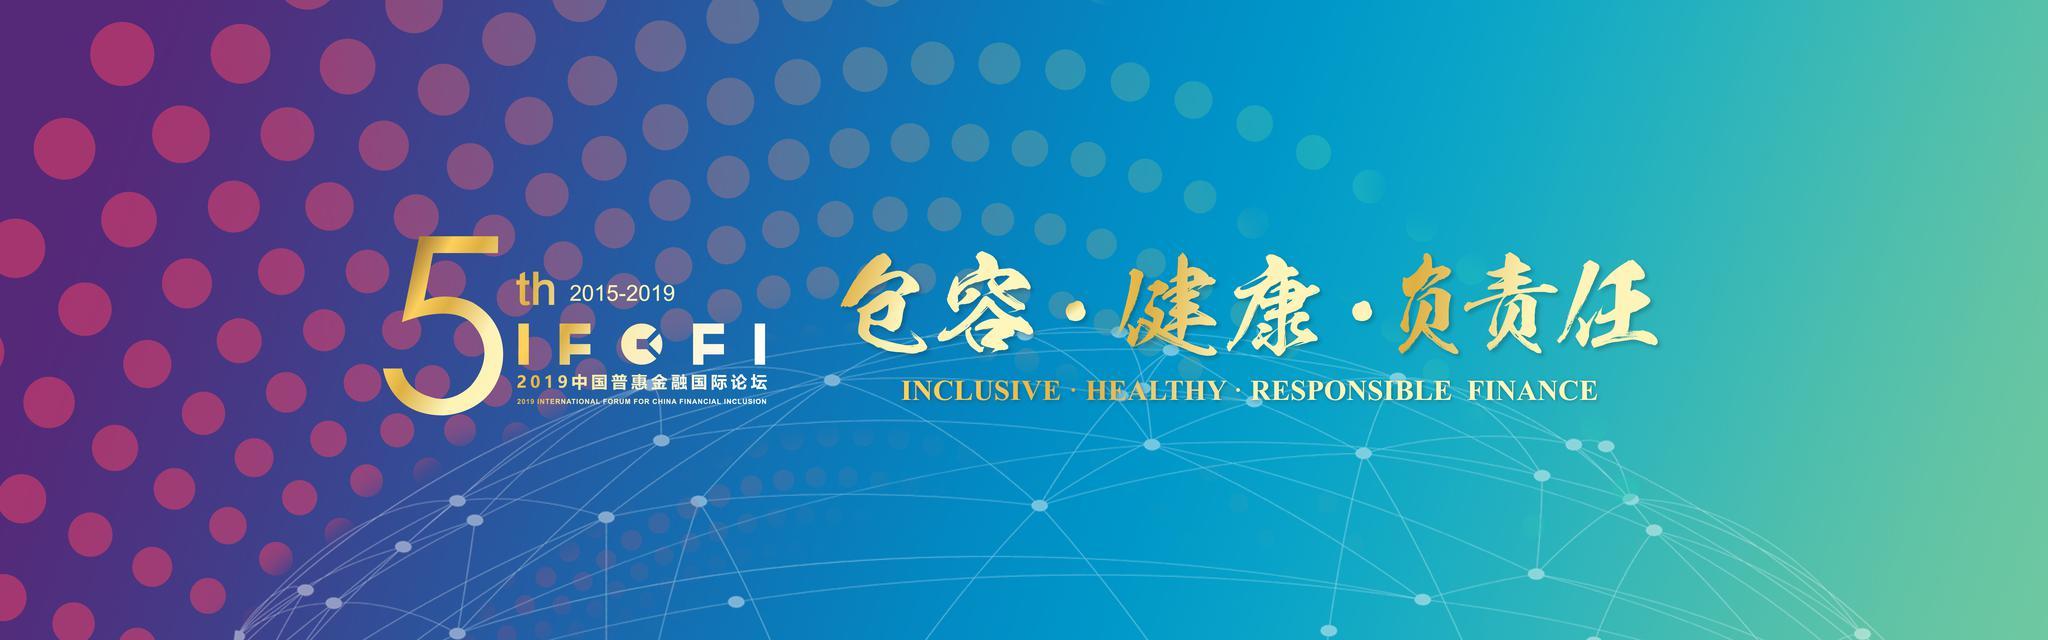 2019中国普惠金融国际论坛